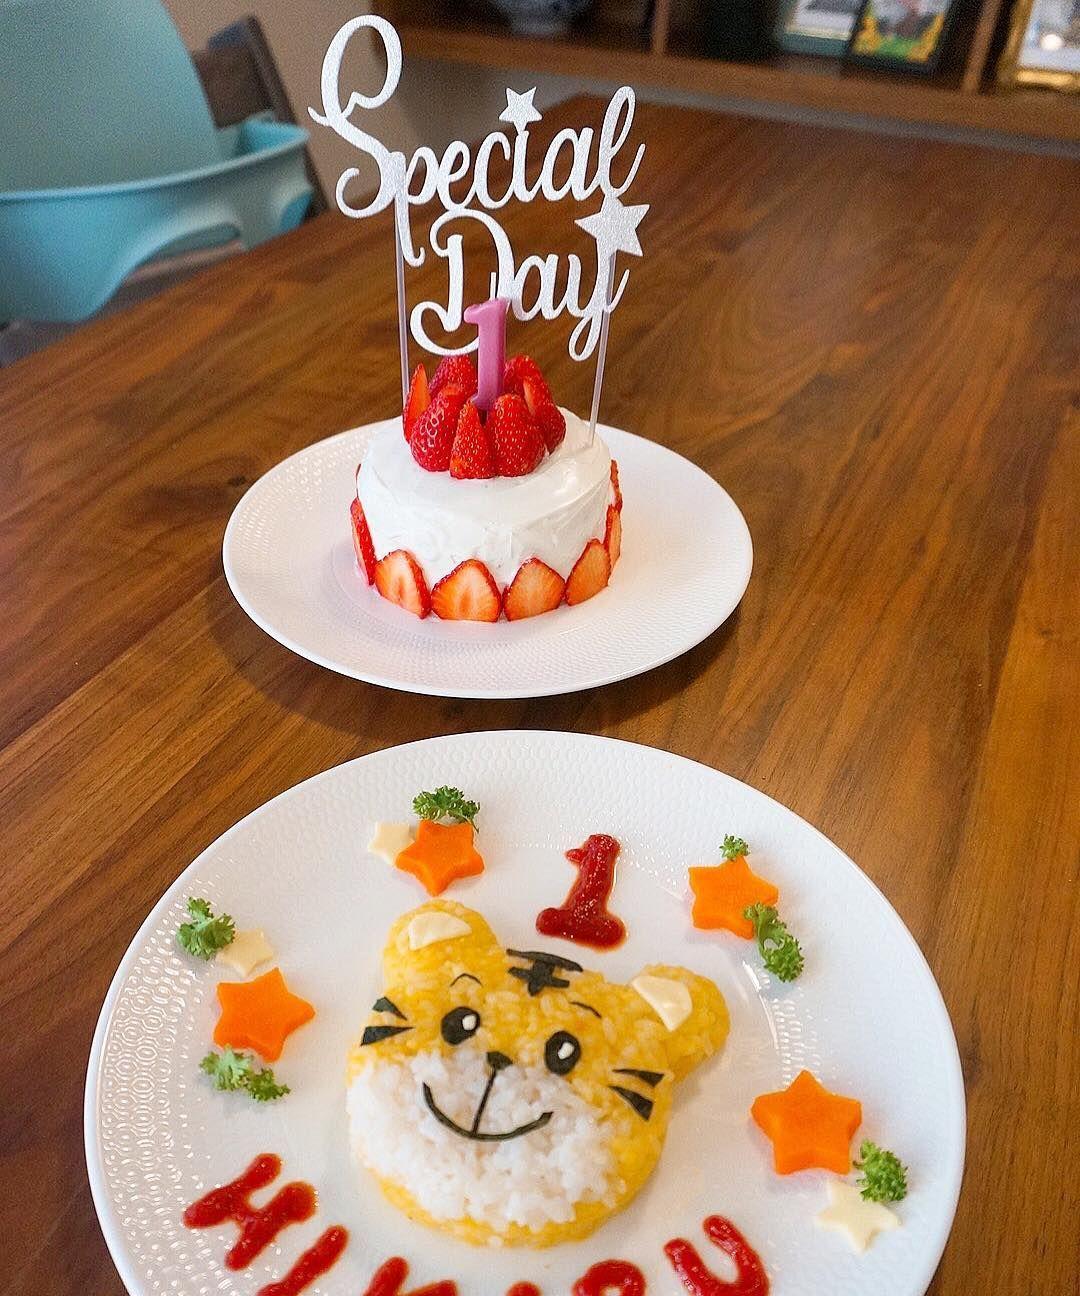 Cook One S Own Meals On Instagram 子供のお誕生日に ホットケーキ に水切りヨーグルトでデコレーション かぼちゃのご飯でしまじろうを 誕生日ご飯 1歳誕生日 食事記録 デコごはん Happyb 2020 誕生日 メニュー 離乳食 手づかみ レシピ 一歳 誕生日